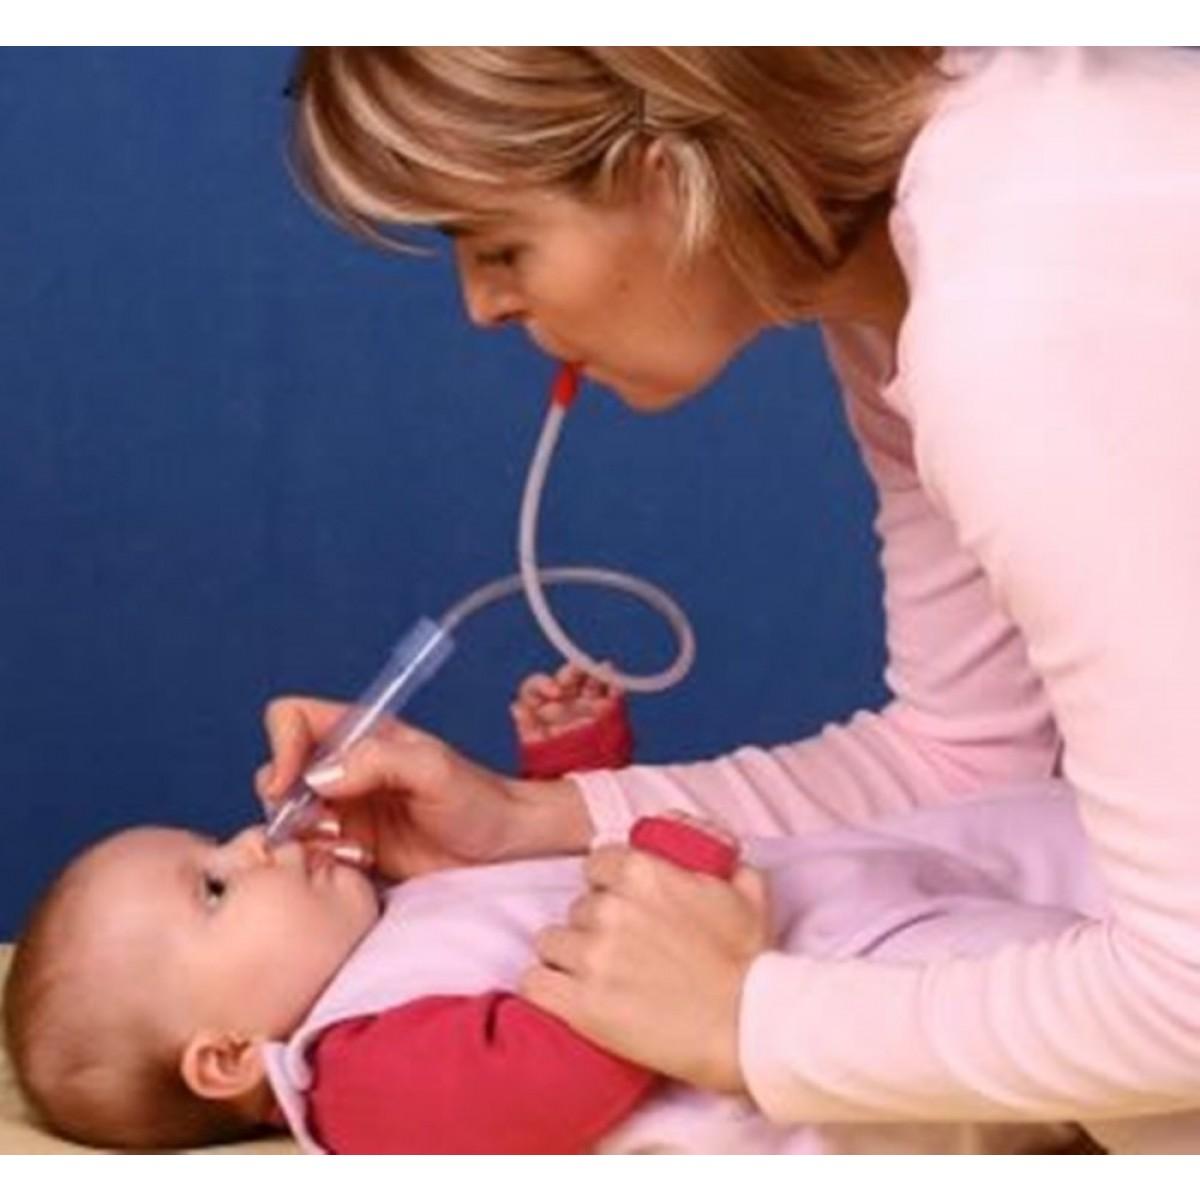 Bebeğin döküntüsü ve ateşi var. Nedenleri, tedavisi. pediatri